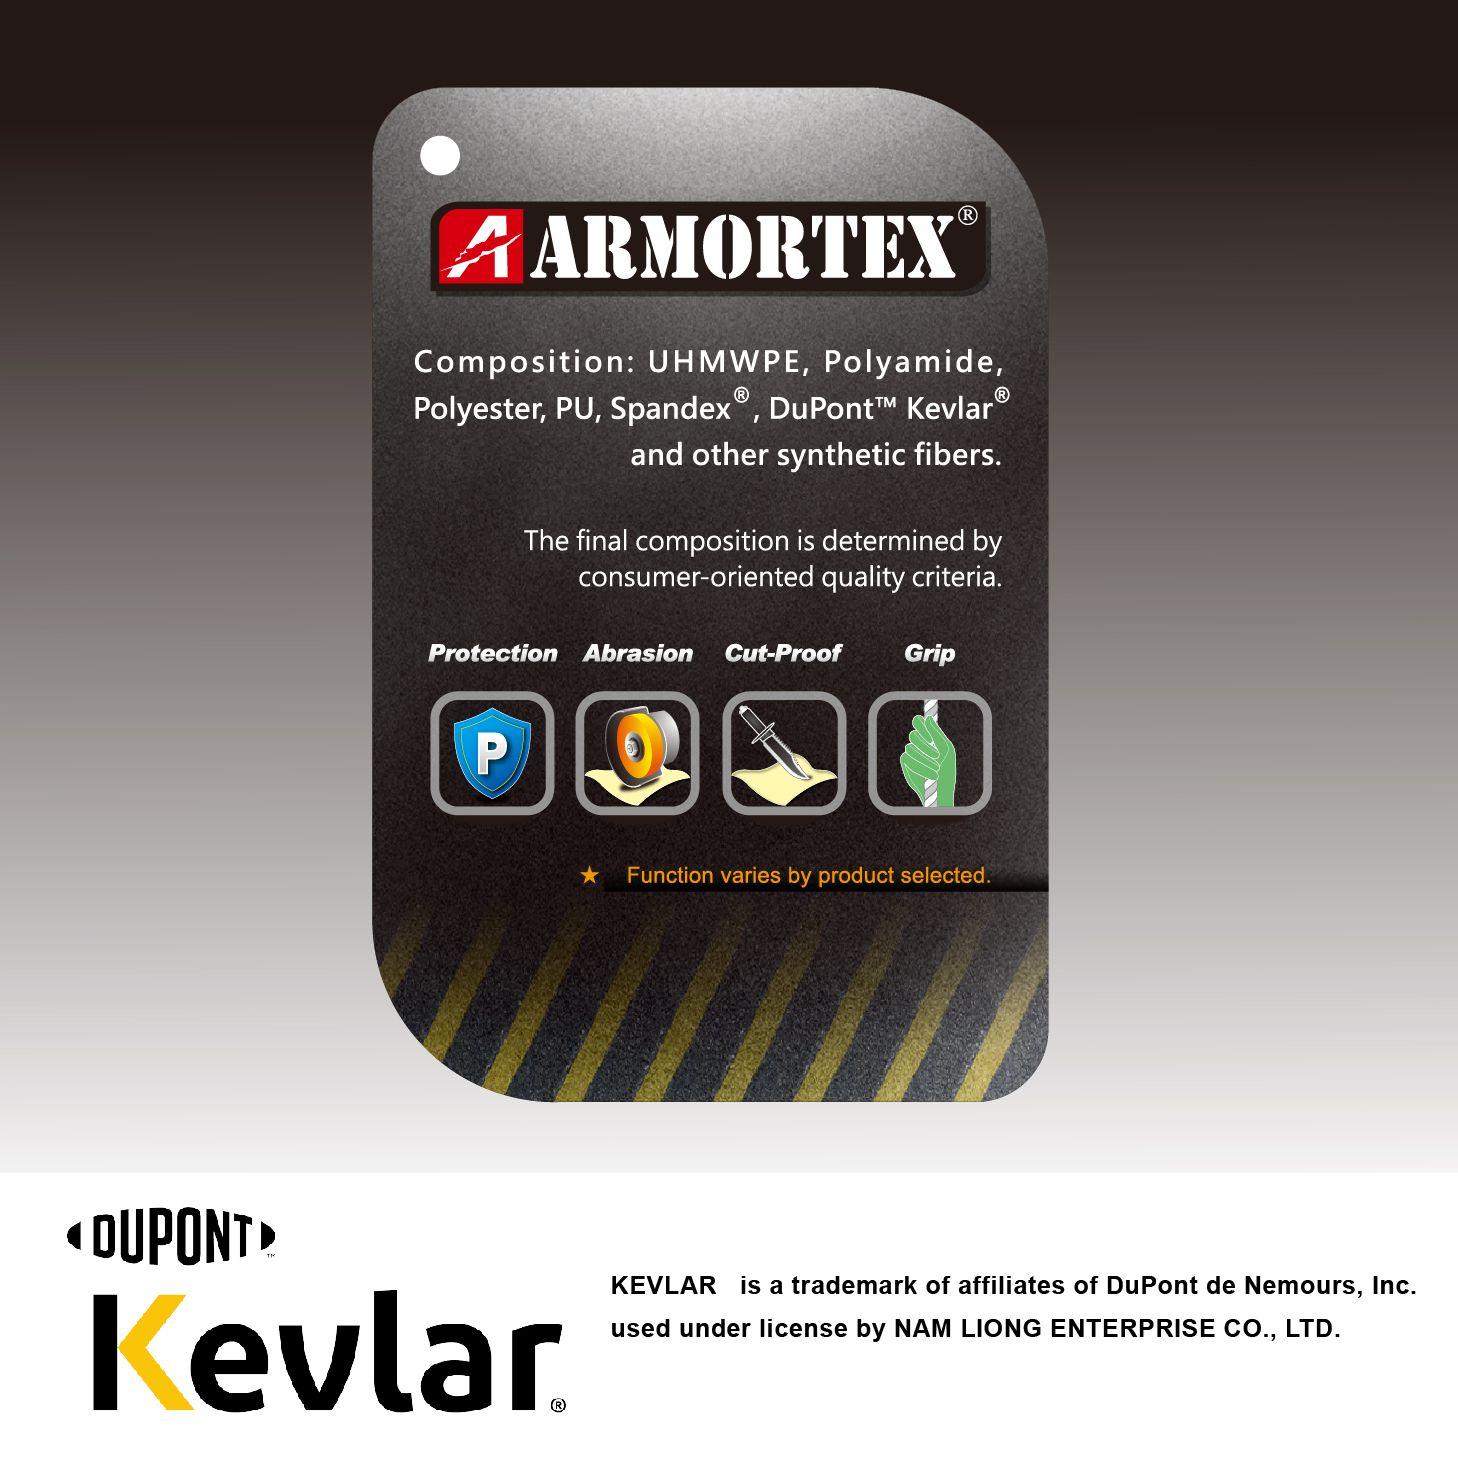 Kevlar® ist eine eingetragene Marke von EI du Pont de Nemours & Company (DuPont ™). ARMORTEX® ist eine eingetragene Marke vonNAM LIONG ENTERPRISE CO., LTD.